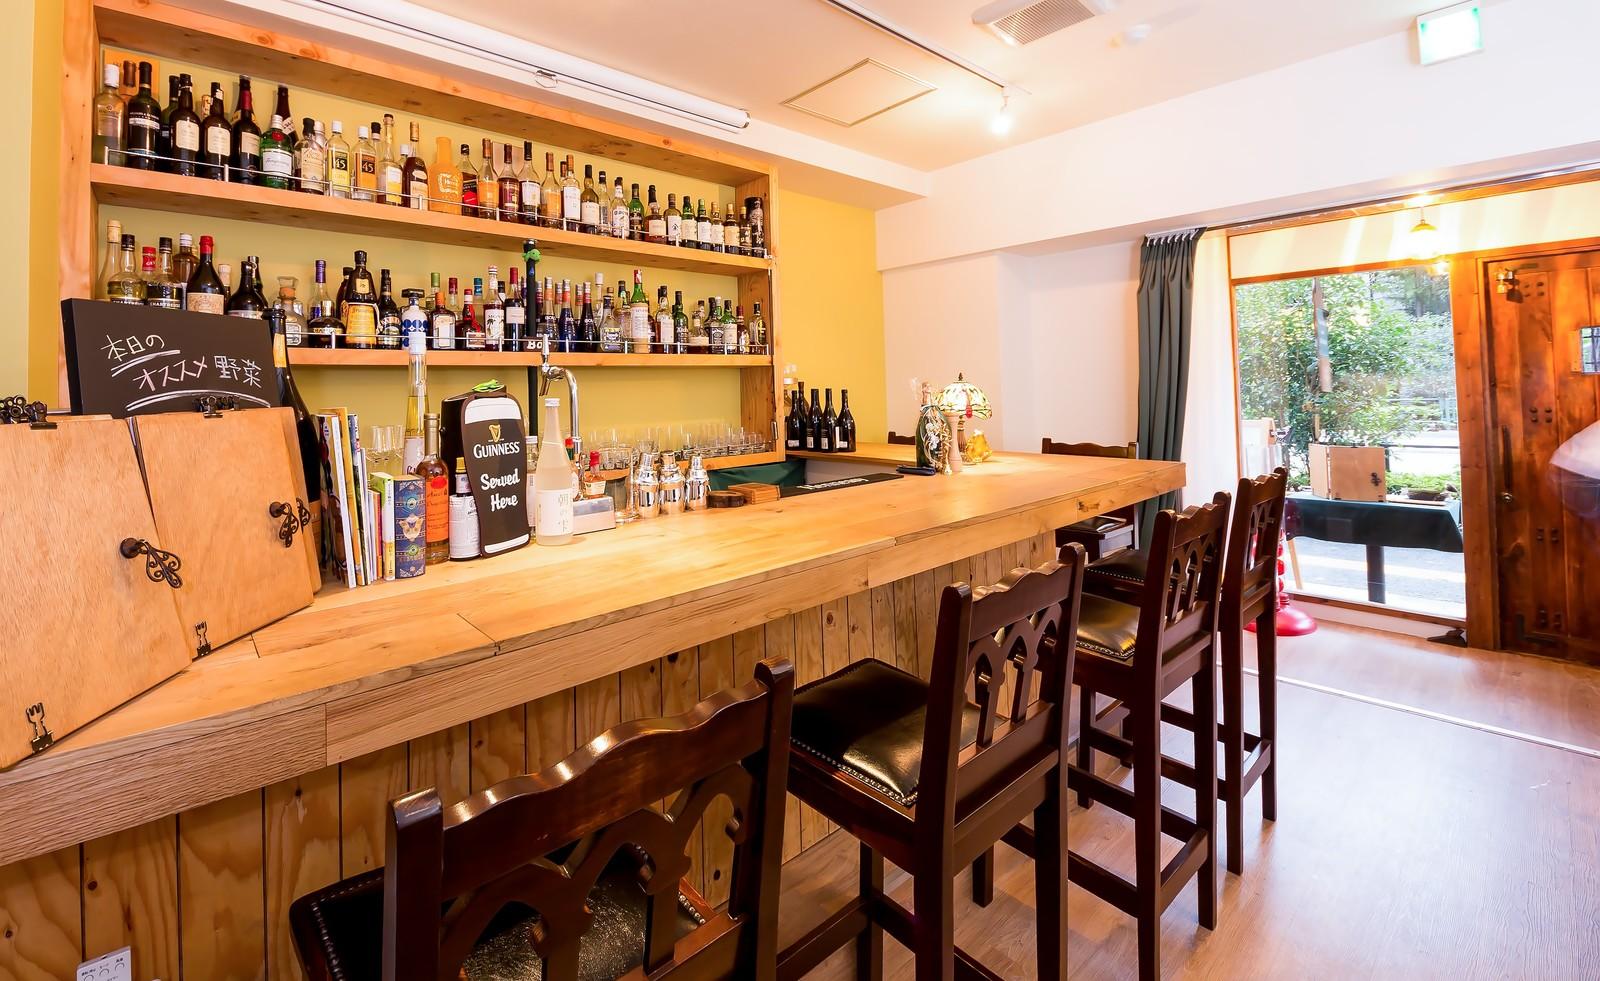 新松戸のランチ情報!子連れで入れるカフェや人気店・個室スペースも!